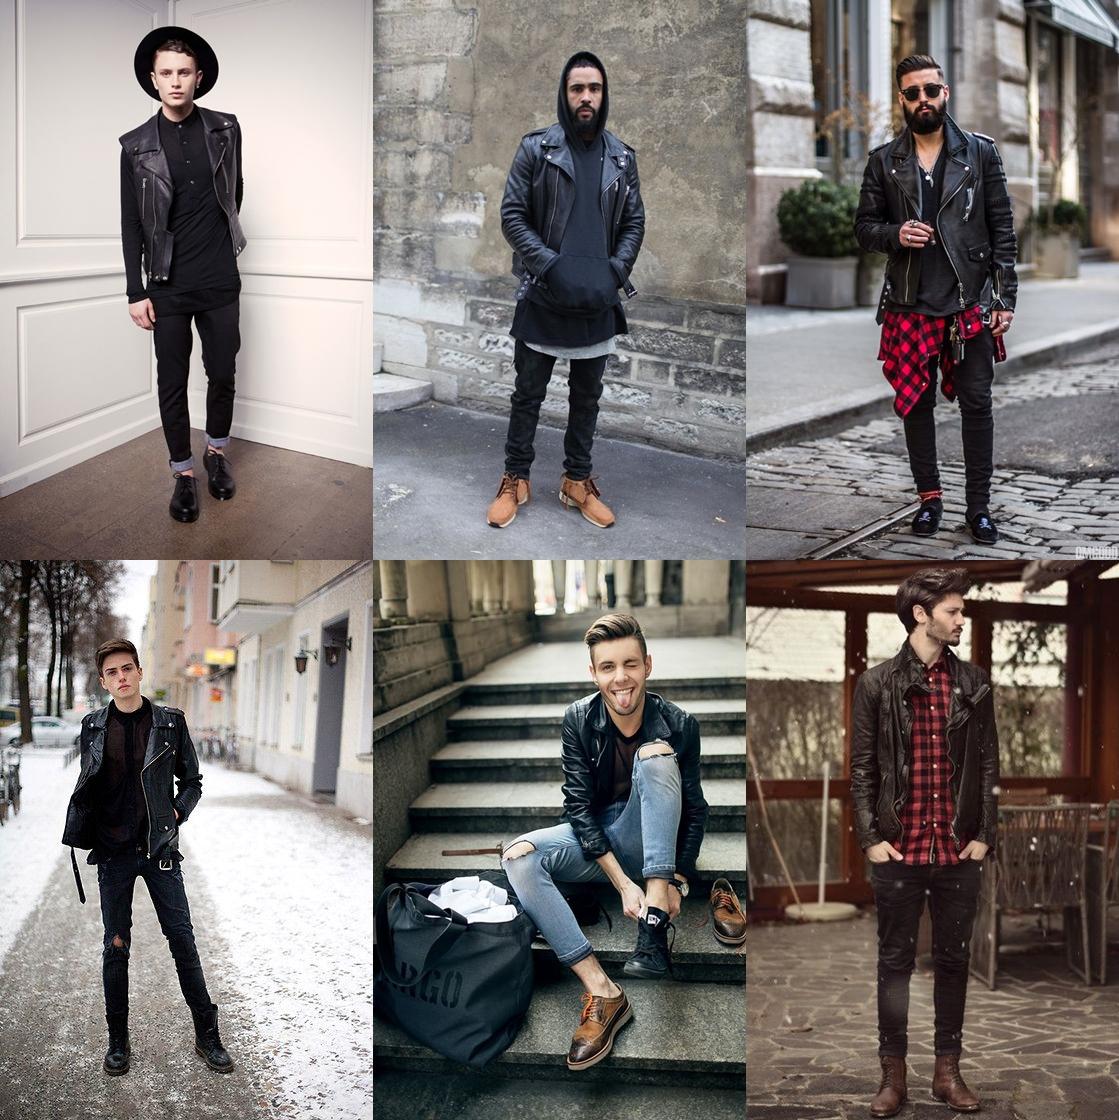 jaqueta masculina, qual jaqueta usar, como usar jaqueta masculina, dicas de moda, moda masculina, alex cursino, moda sem censura, blog de moda masculina, social media, fashion tips, 4